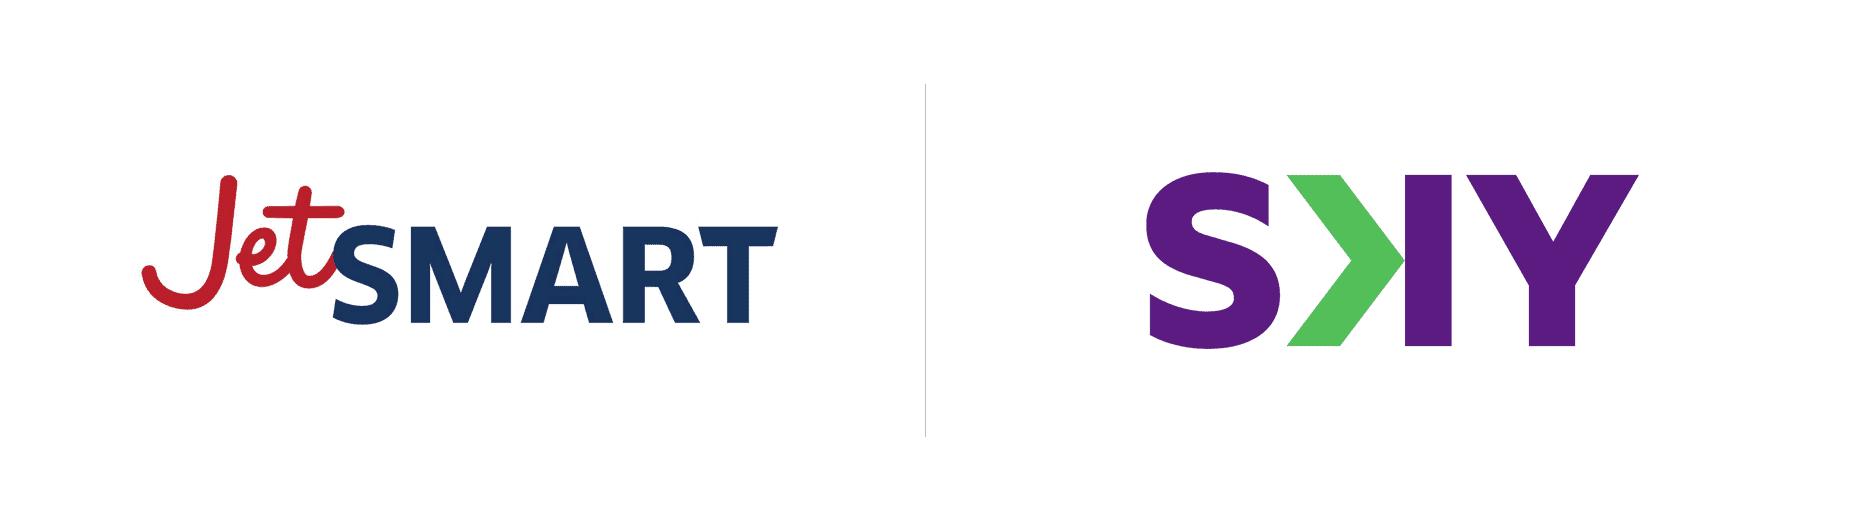 JetSmart e a SKY, duas companhias low cost